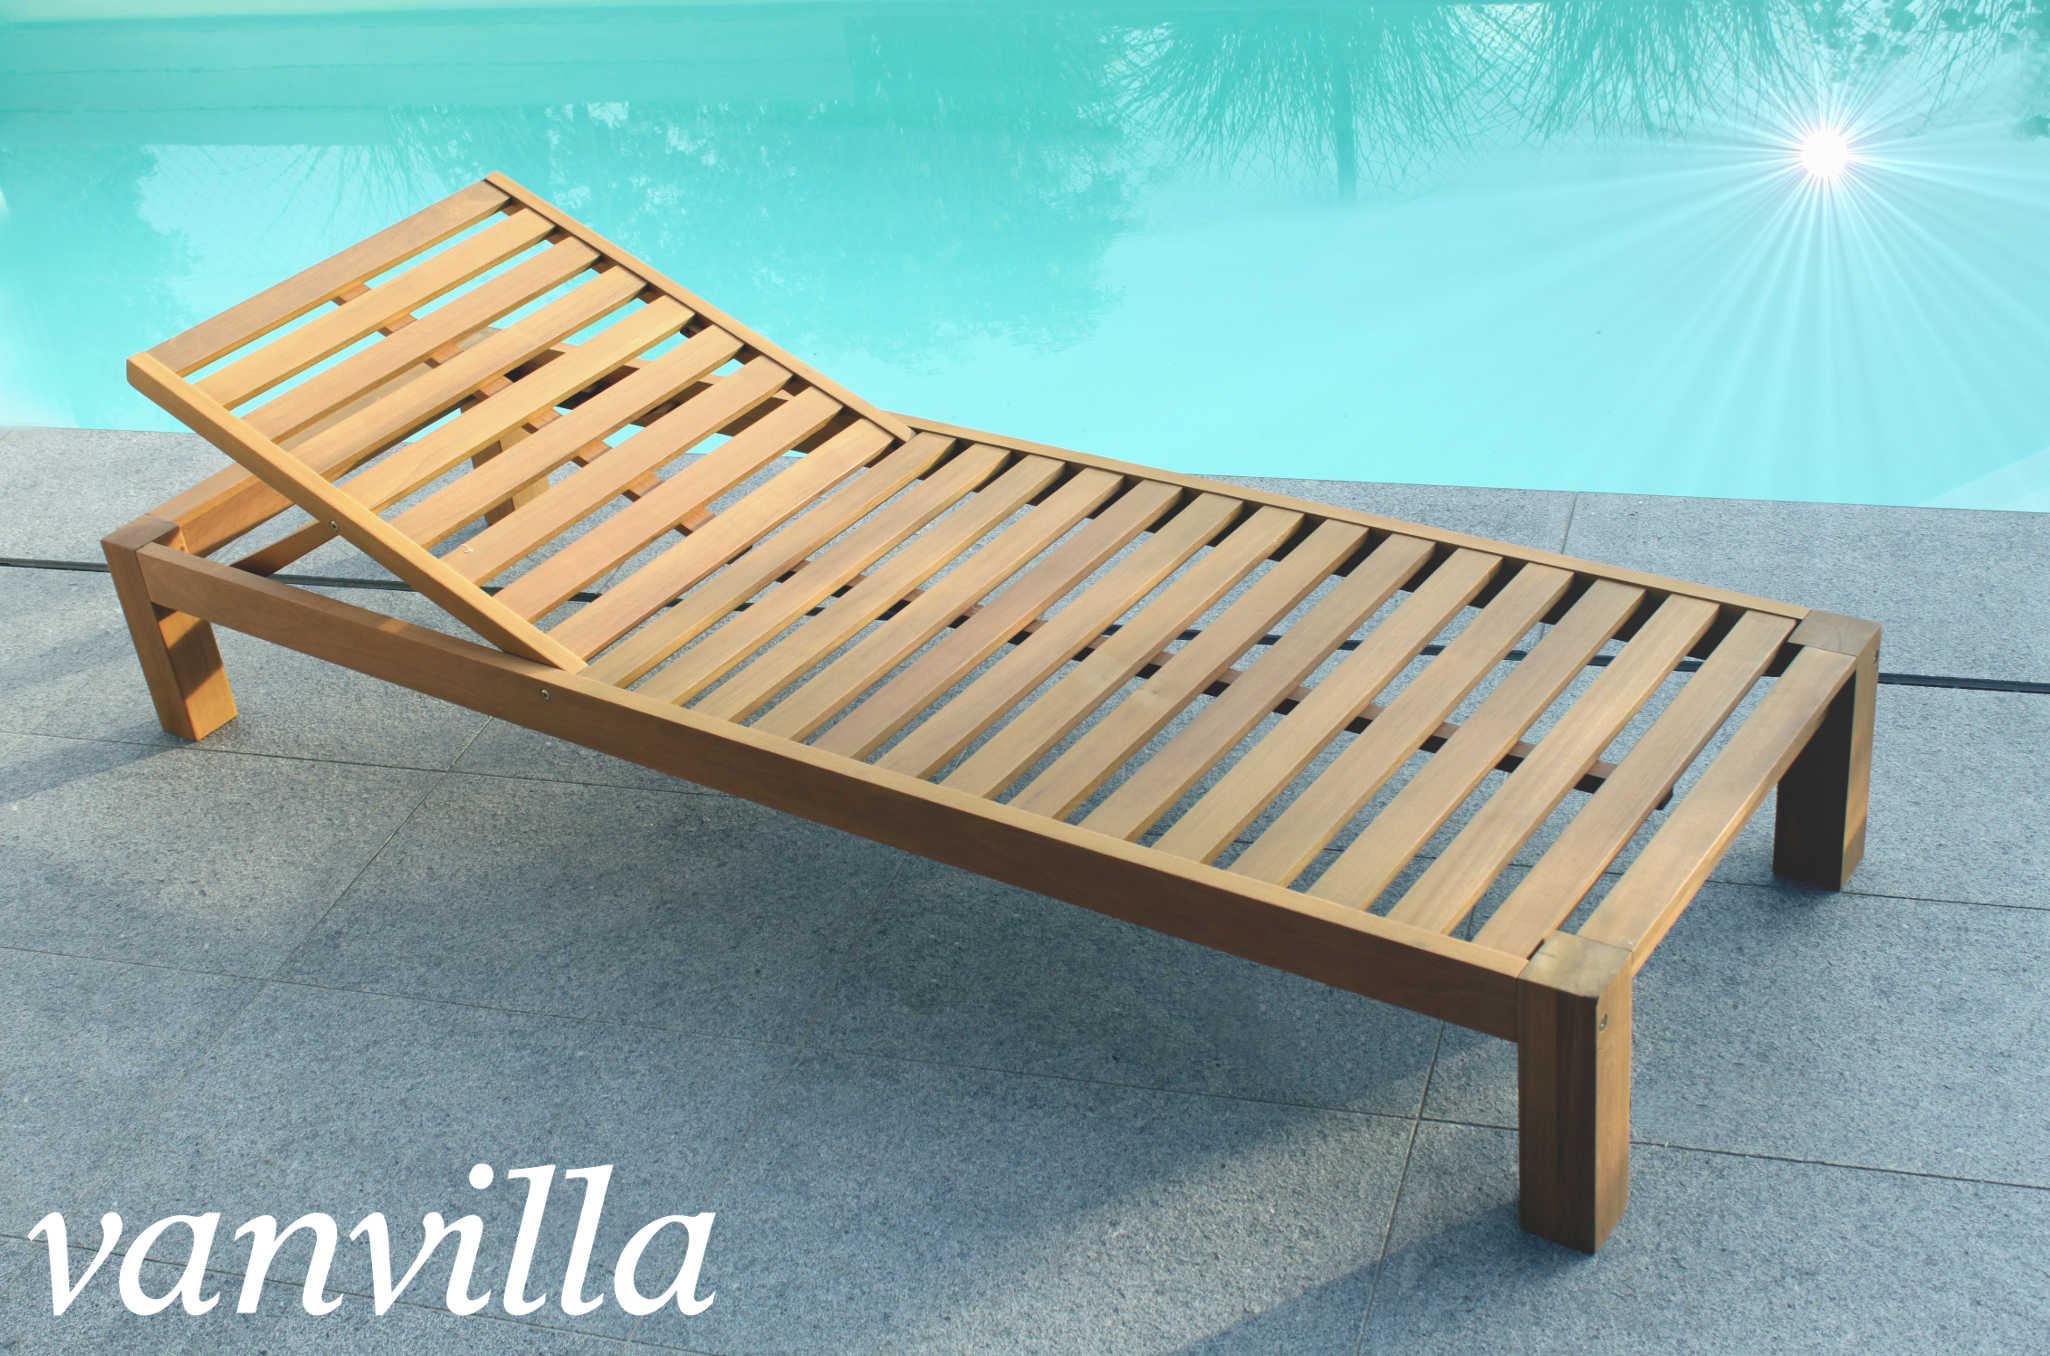 Gartenliege holz mit auflage  vanvilla Sonnenliege Gartenliege Holz Relaxliege BALIMO OHNE Auflage